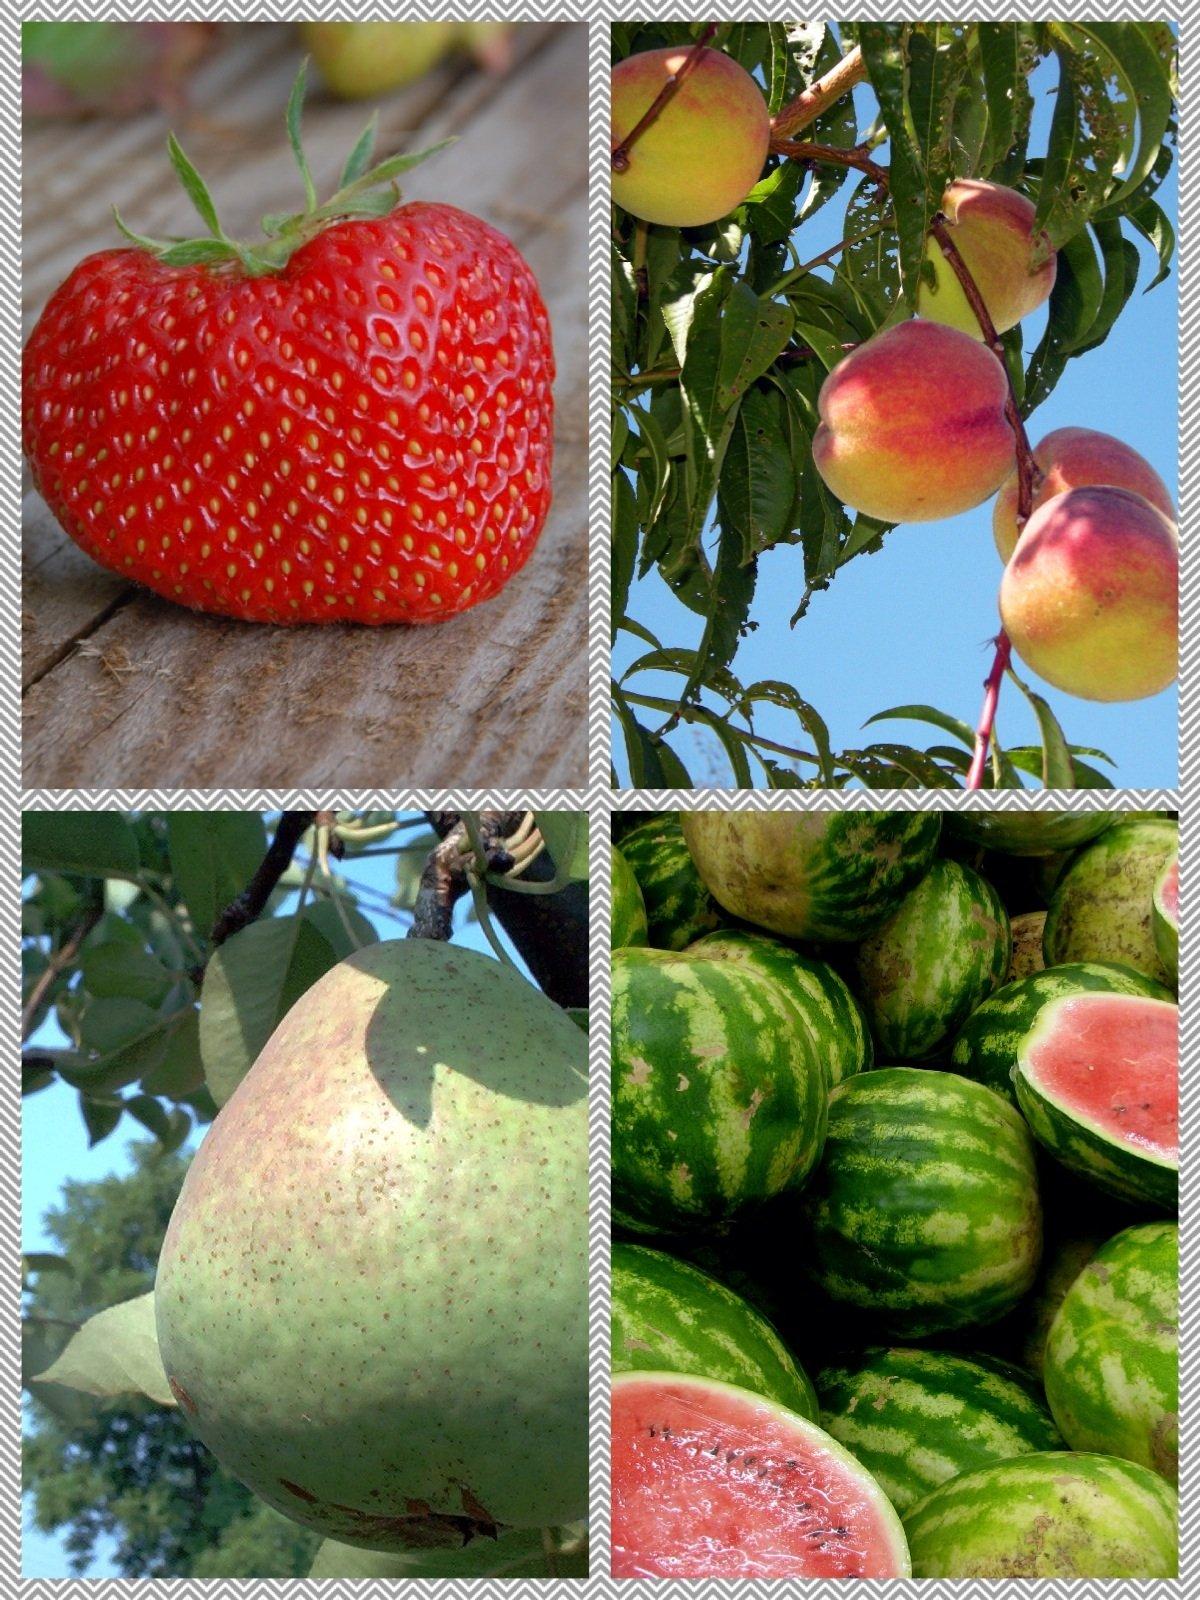 AppSmash: Fruit Names